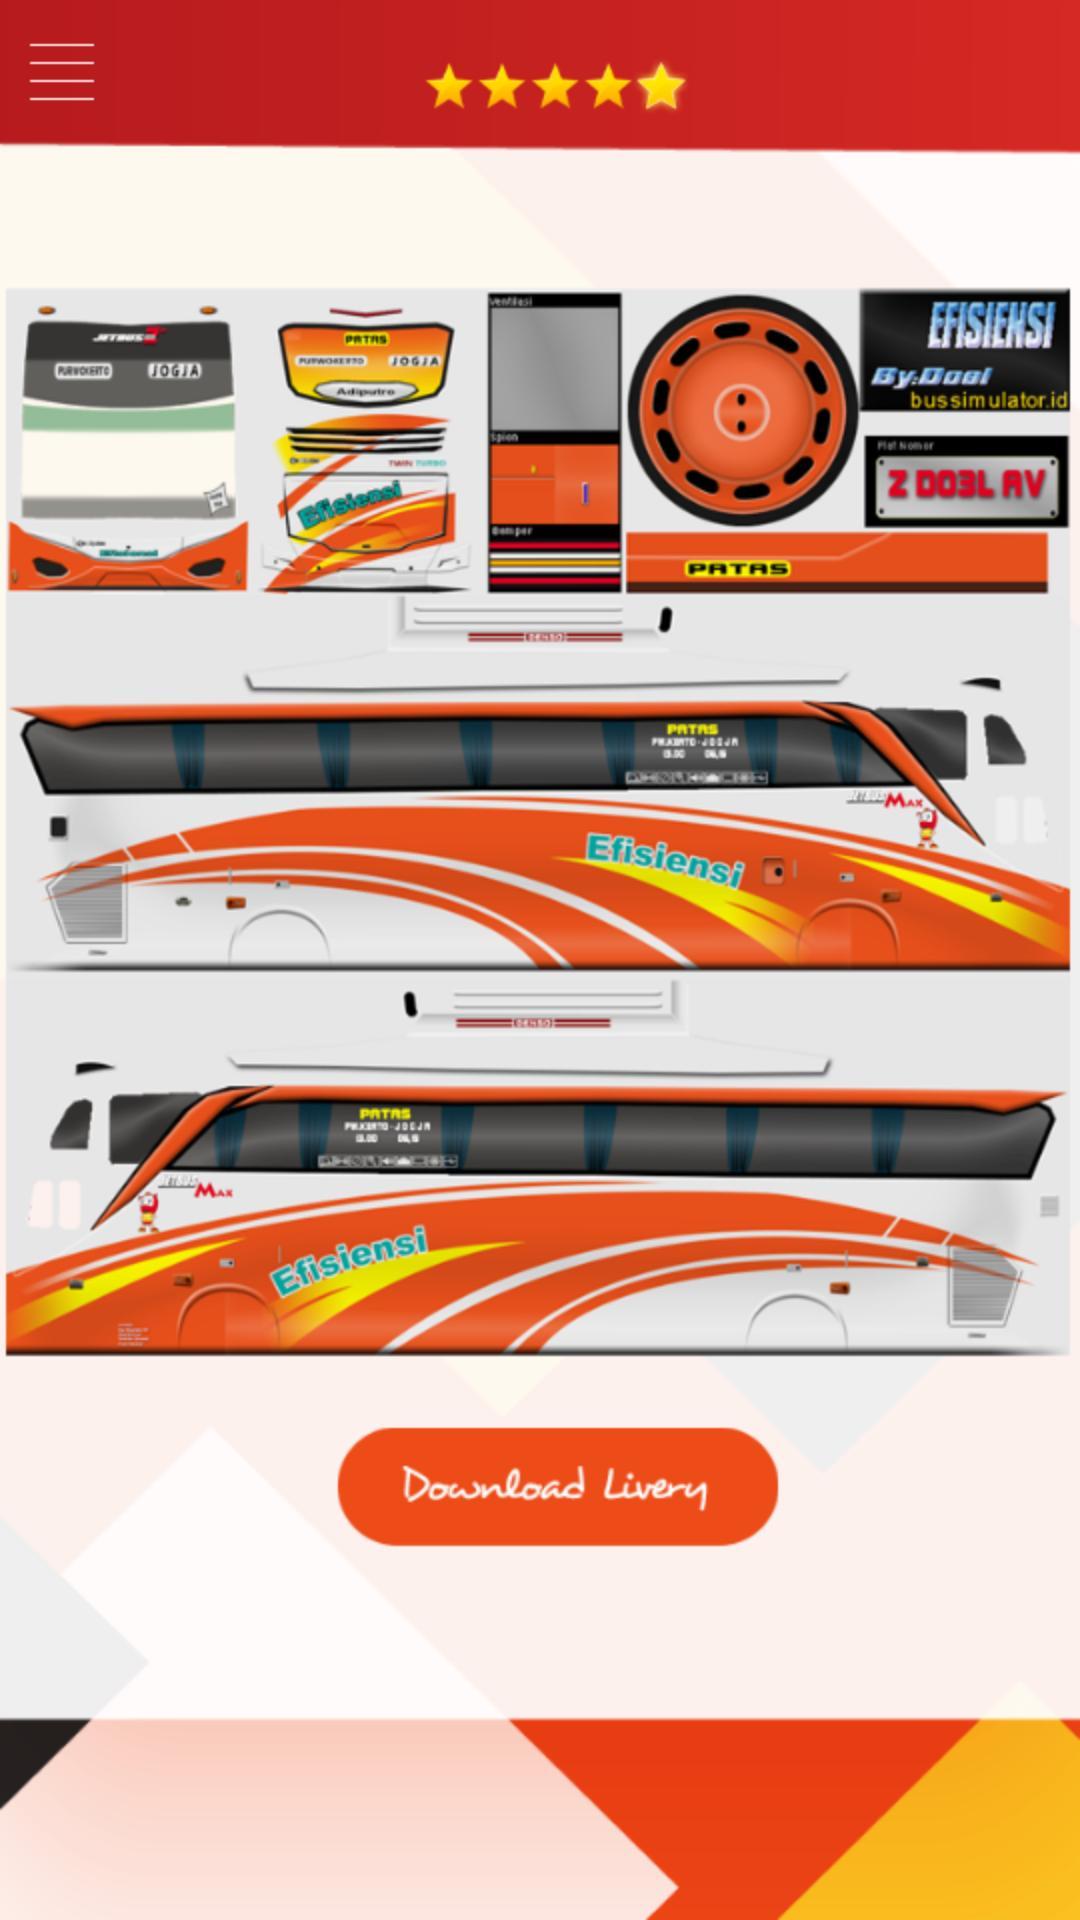 Livery Bus Shd Efisiensi